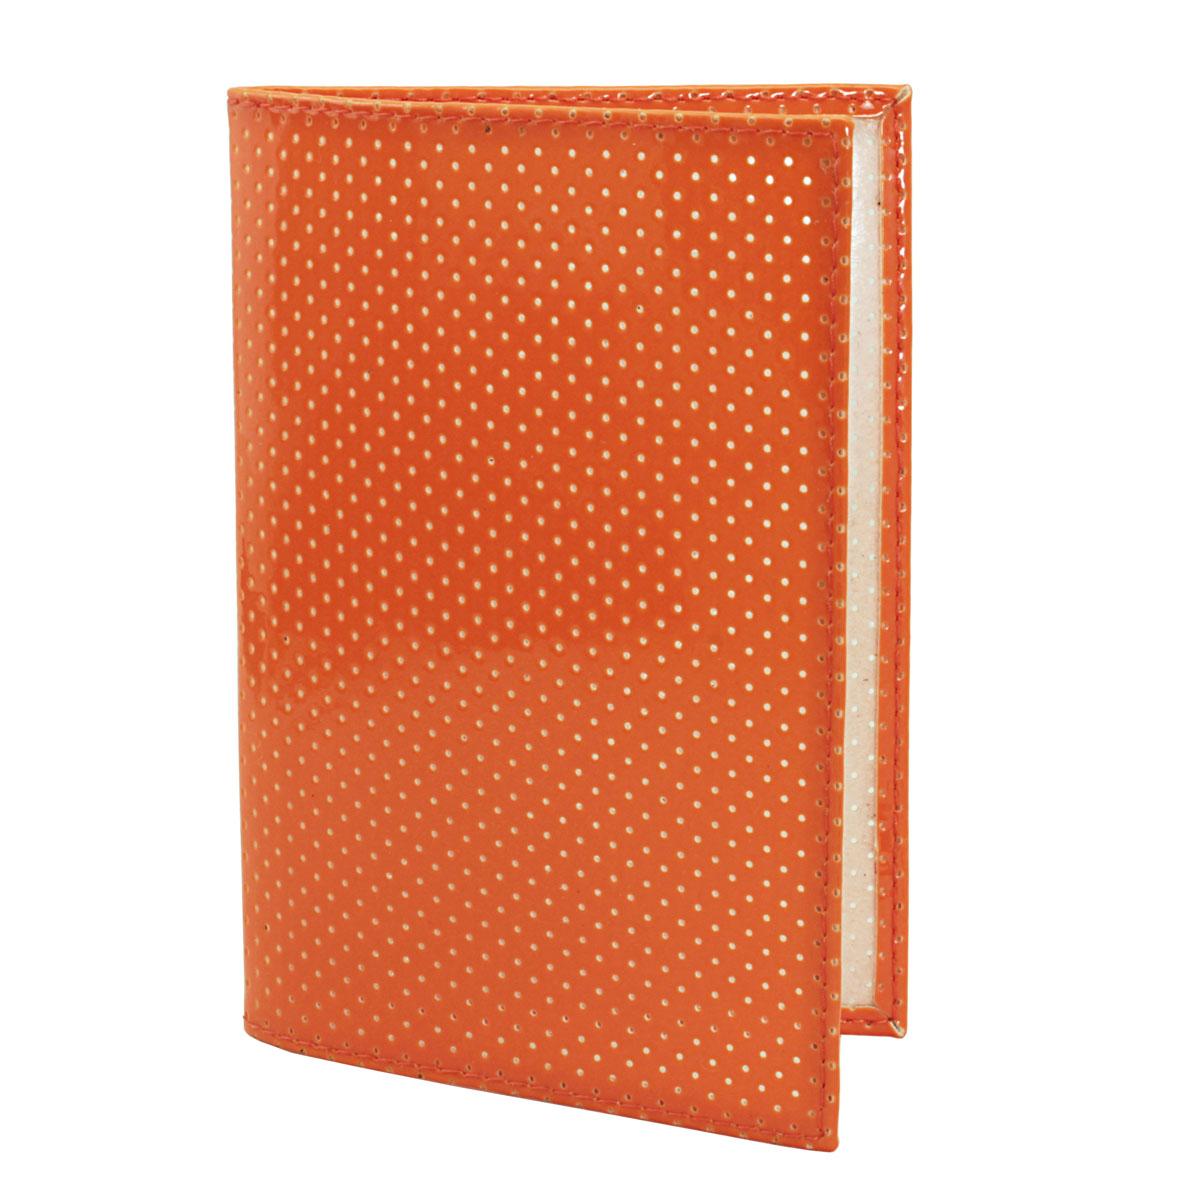 Обложка для паспорта Dimanche, цвет: оранжевый. 230/11230/11Обложка для паспорта Demanche выполнена из искусственной кожи с декоративной перфорацией. На внутреннем развороте расположено два вертикальных кармана из прозрачного ПВХ. Обложка не только поможет сохранить внешний вид ваших документов и защитит их от повреждений, но и станет ярким аксессуаром, который подчеркнет ваш образ.